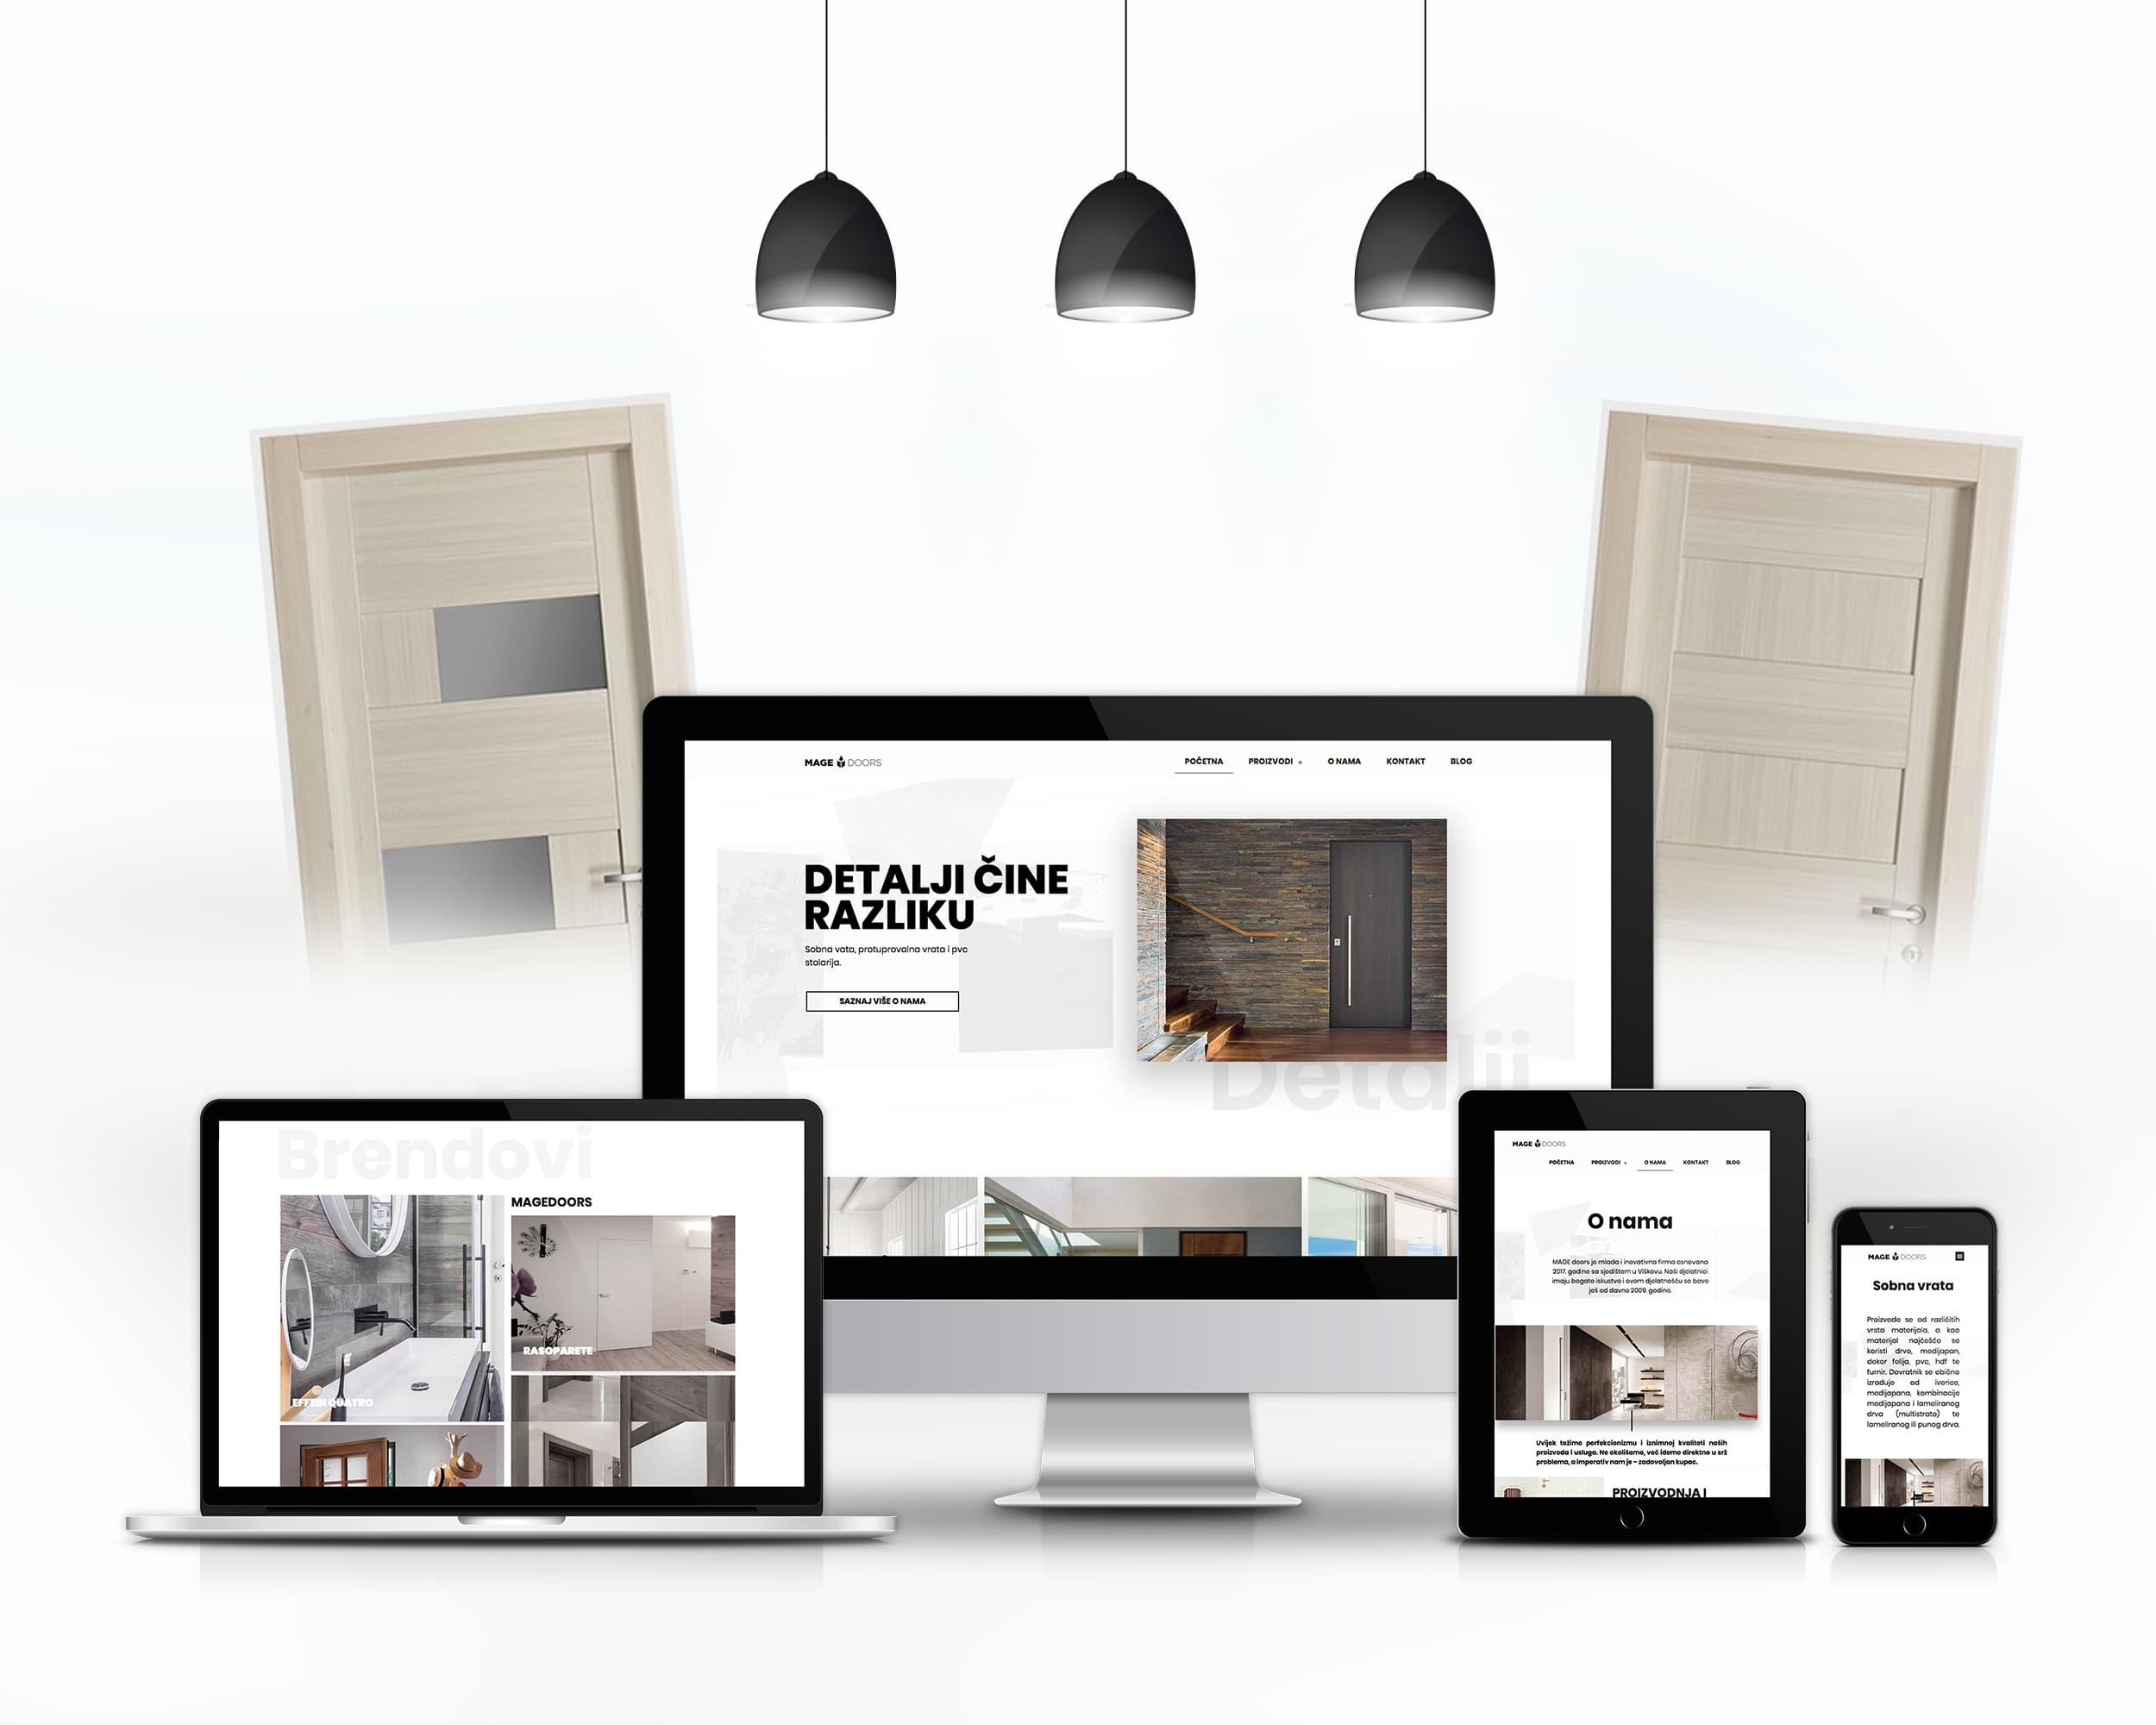 Izrada nove web stranice Mage doors